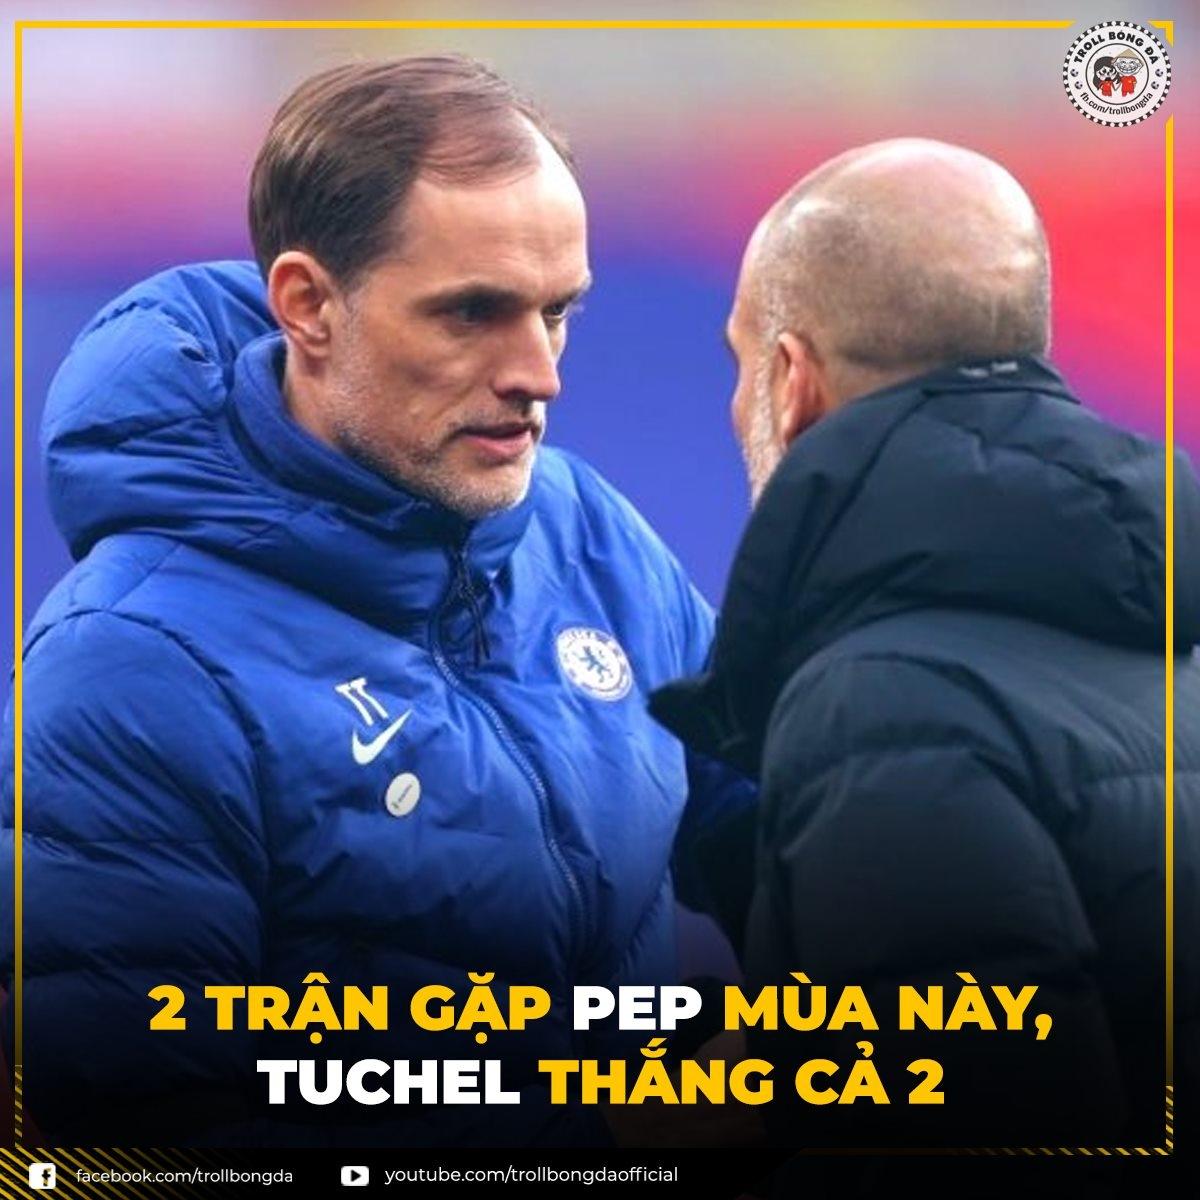 HLV Tuchel thắng HLV Guardiola cả 2 lần gặp mặt mùa giải này. (Ảnh: Troll bóng đá).